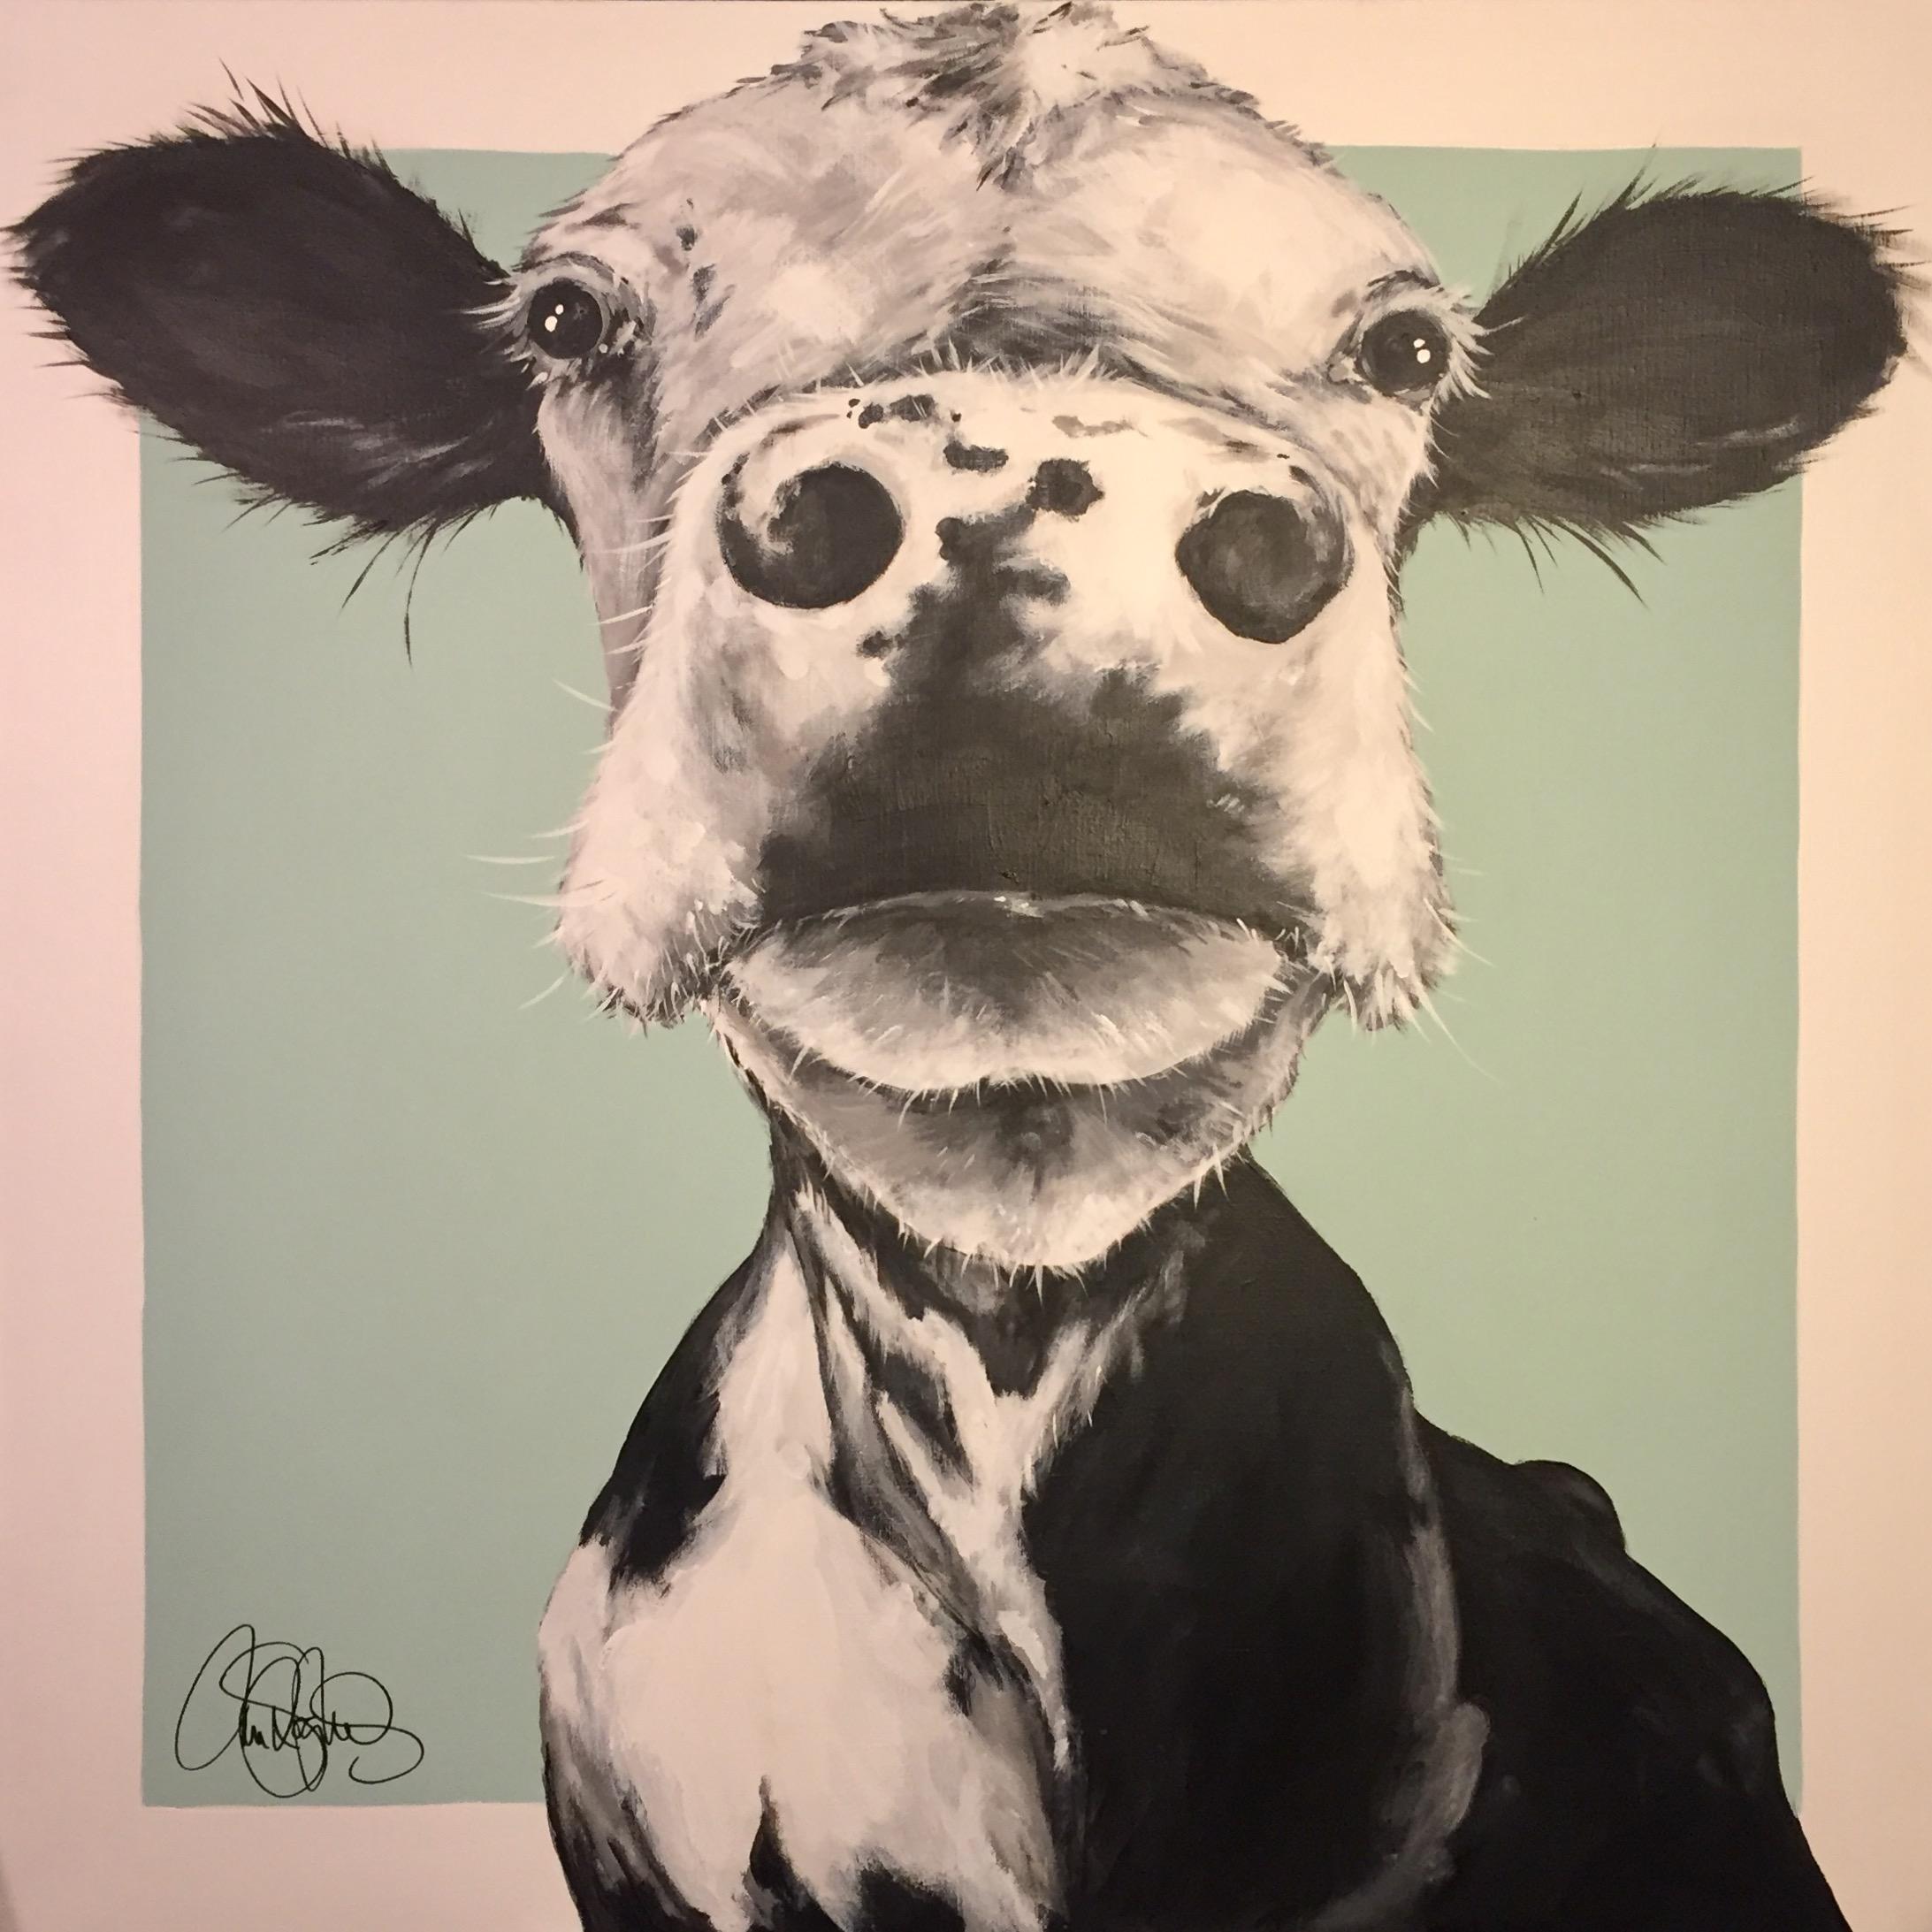 Akrylmålning i original. 90x90cm. Till salu för 6900sek.